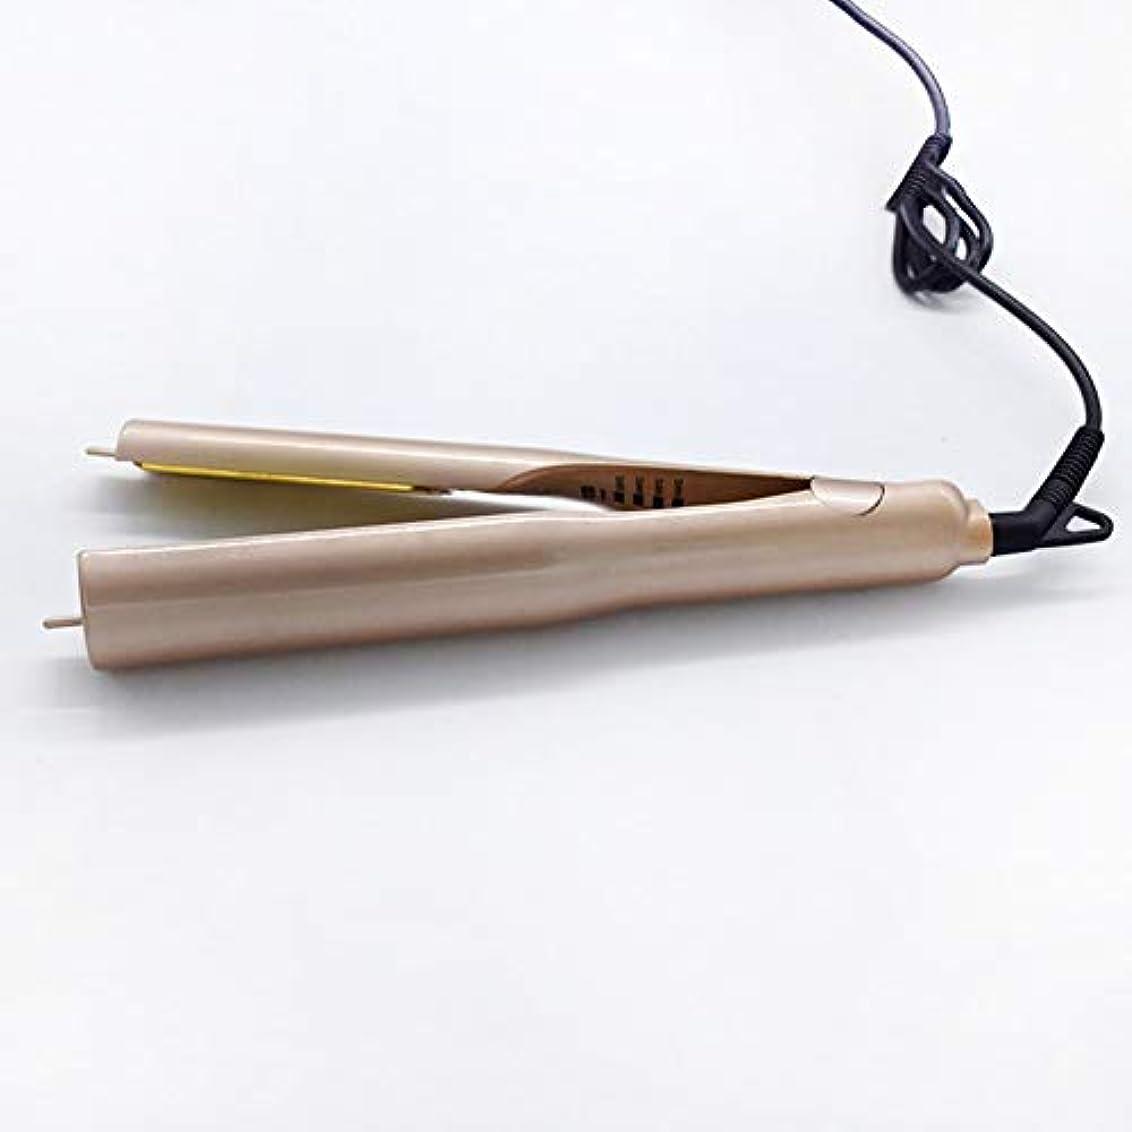 ワードローブハミングバード童謡ロールストレートデュアルユースウェットアンドドライデュアルユーススピードホットヘアストレートナーテール回転可能なセラミックヒーターチューブは、あらゆる種類のヘアゴールドギフトバッグに適した髪を傷つけることなく持ち運びが簡単